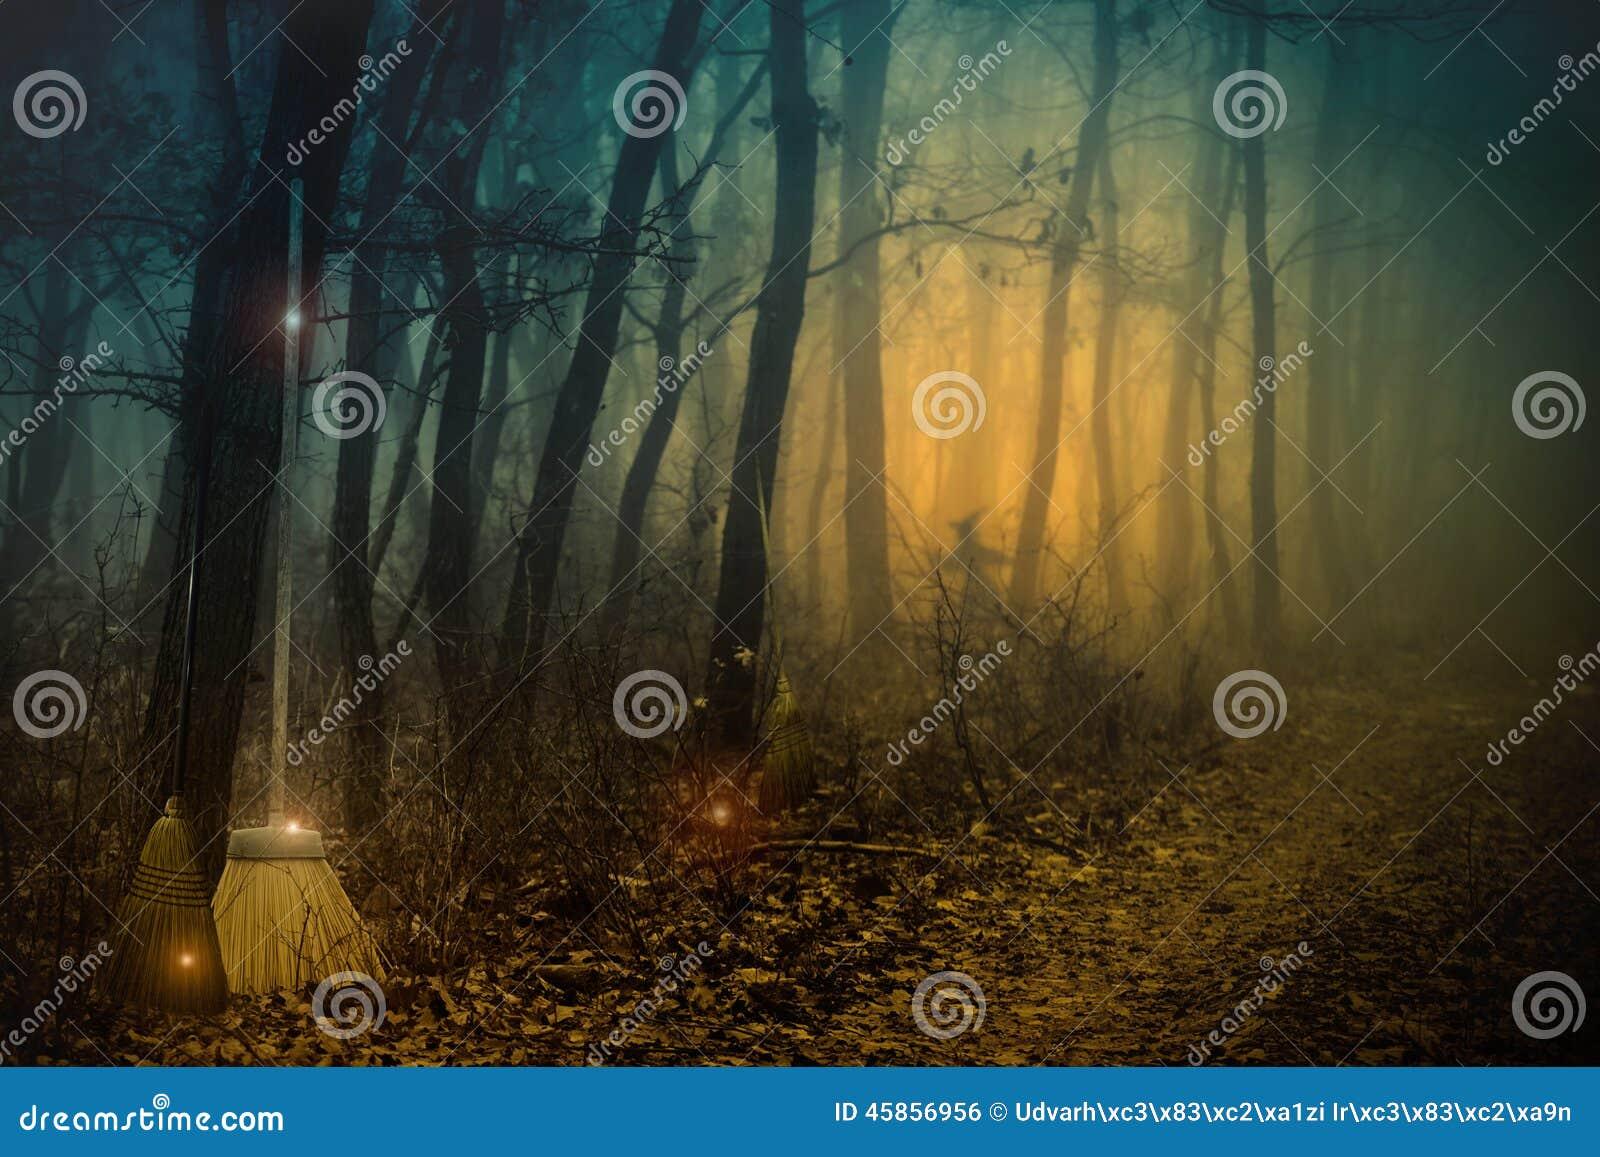 es ist ein sabbat der hexen stockfoto bild von nebelhaft mystisch 45856956. Black Bedroom Furniture Sets. Home Design Ideas